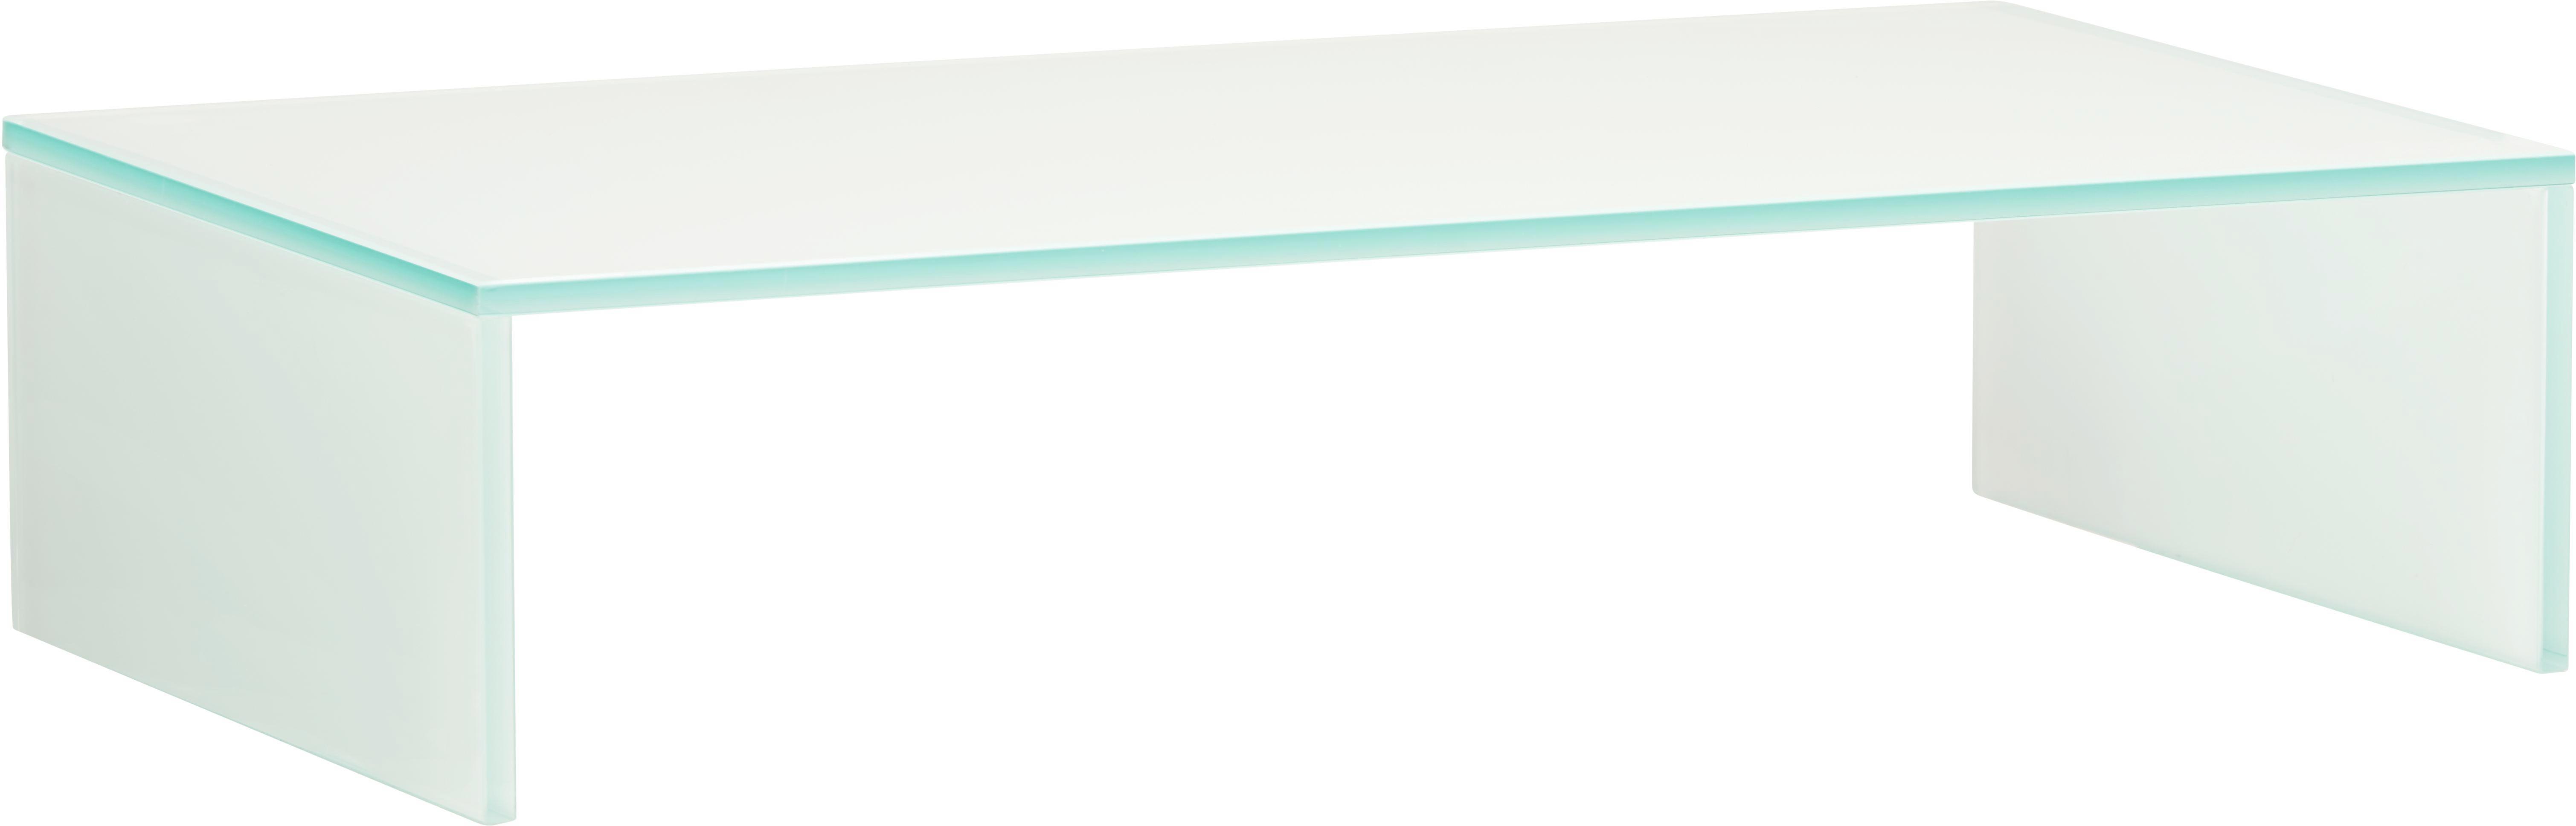 TV-Aufsatz Glas Weiß - Weiß, Glas (60/14/35cm) - MÖMAX modern living